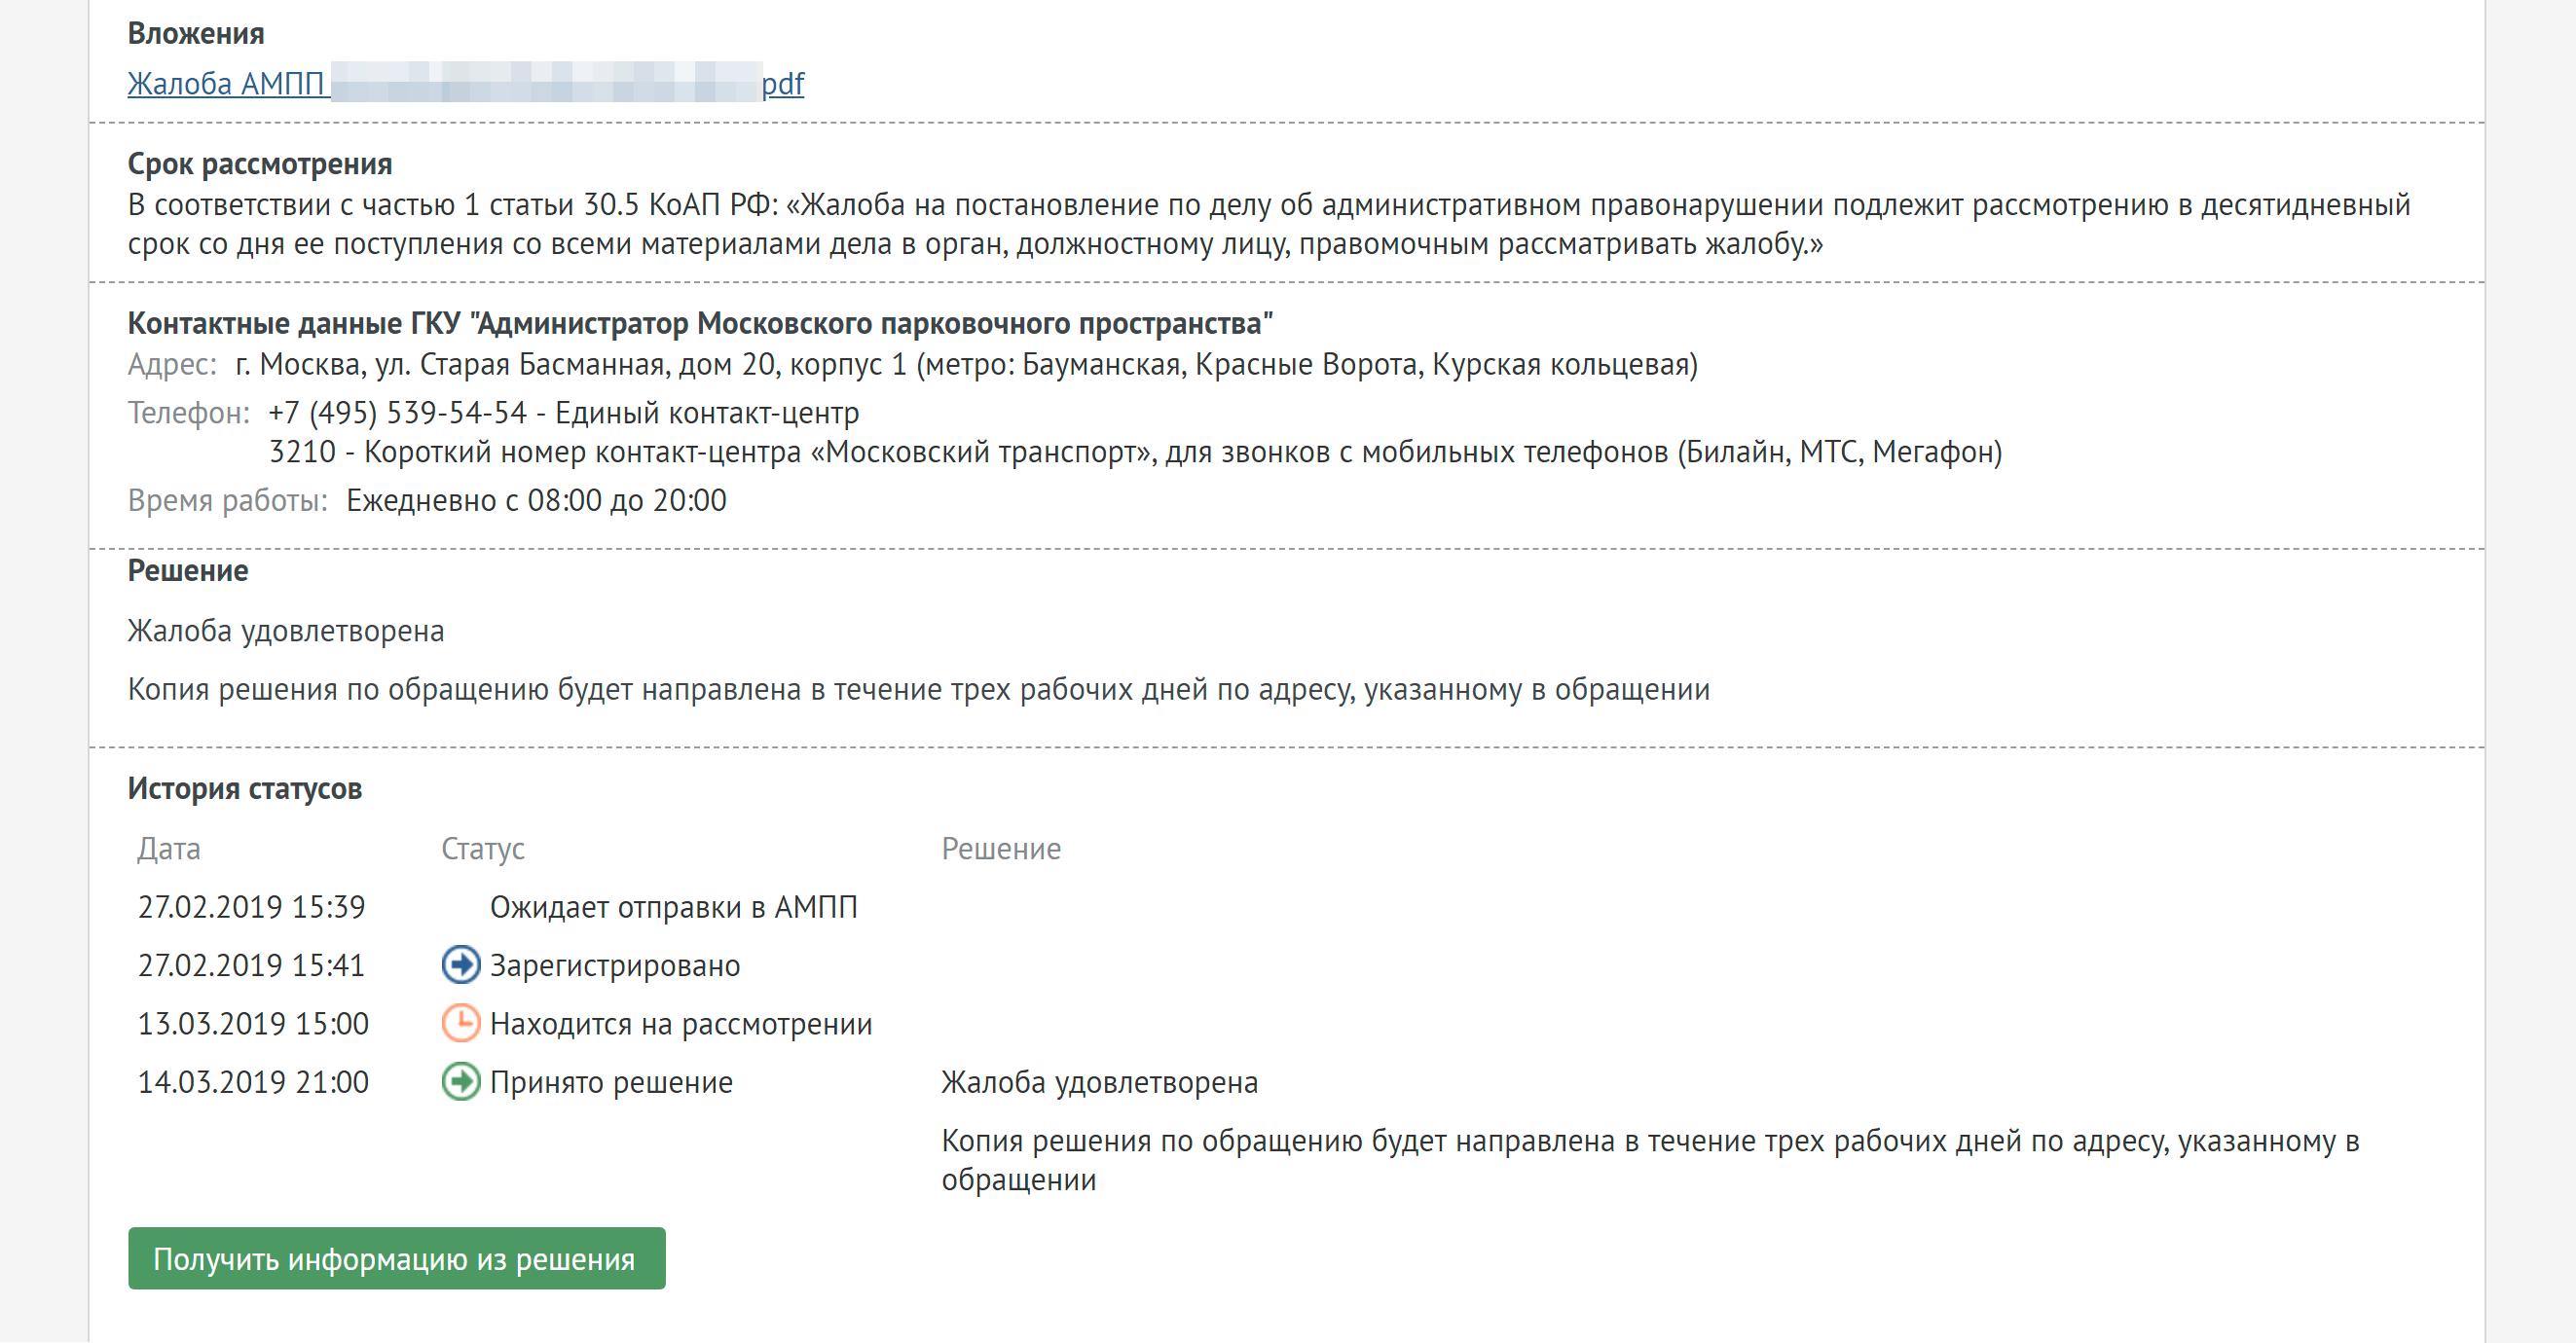 История рассмотрения заявки на портале «Автокод»